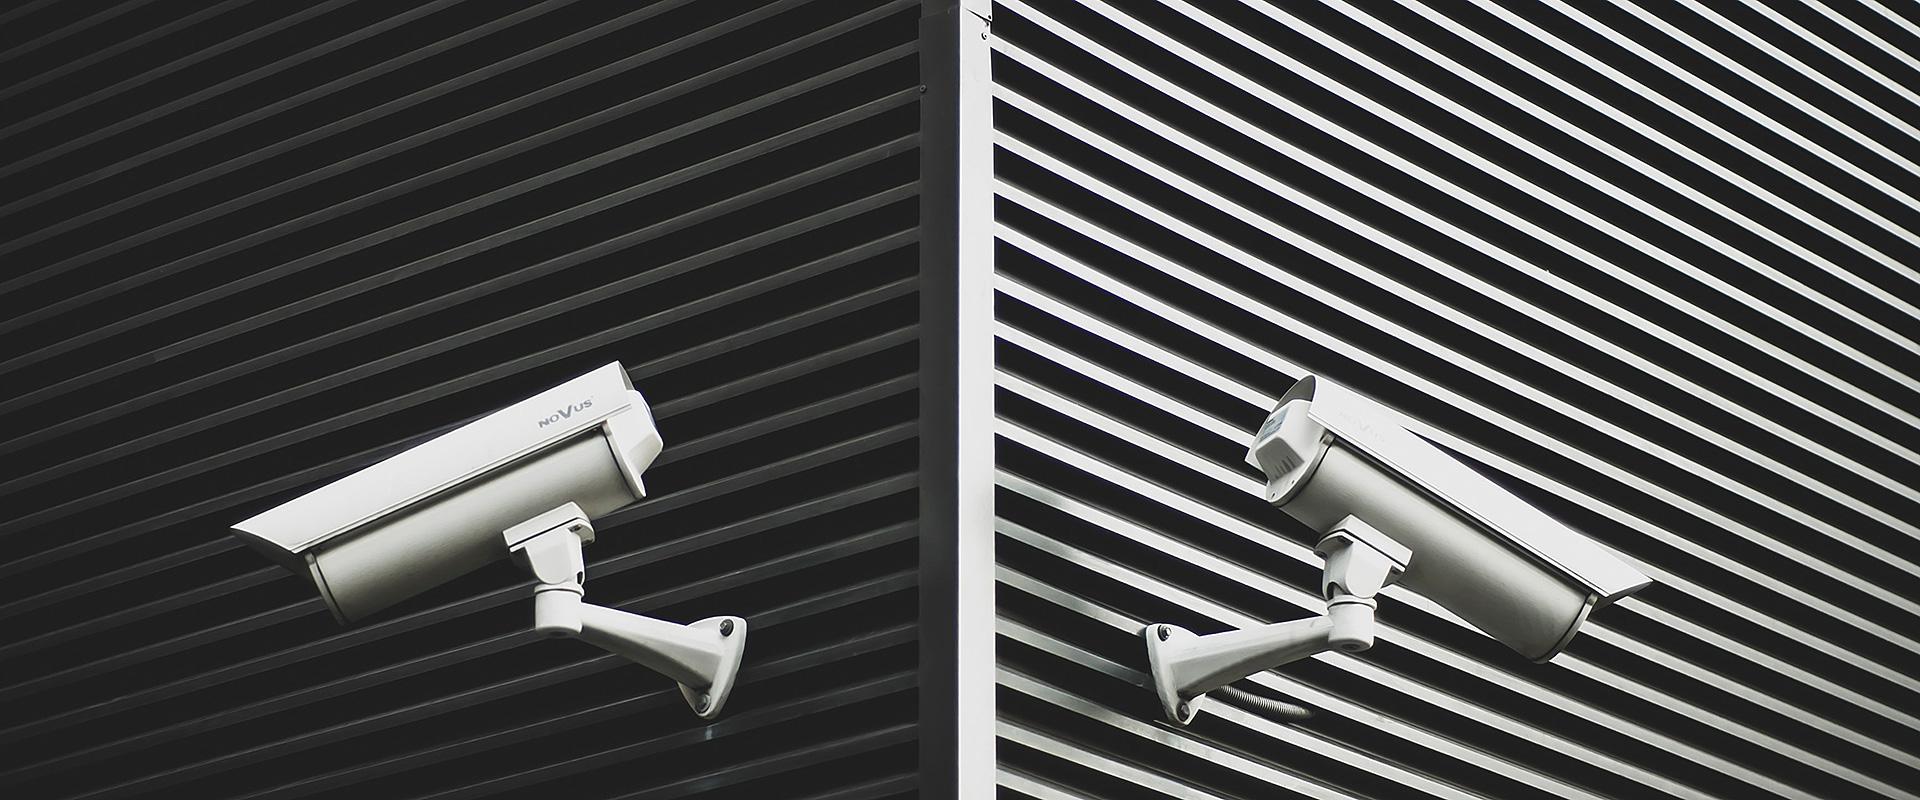 CUSTOMISED CCTV